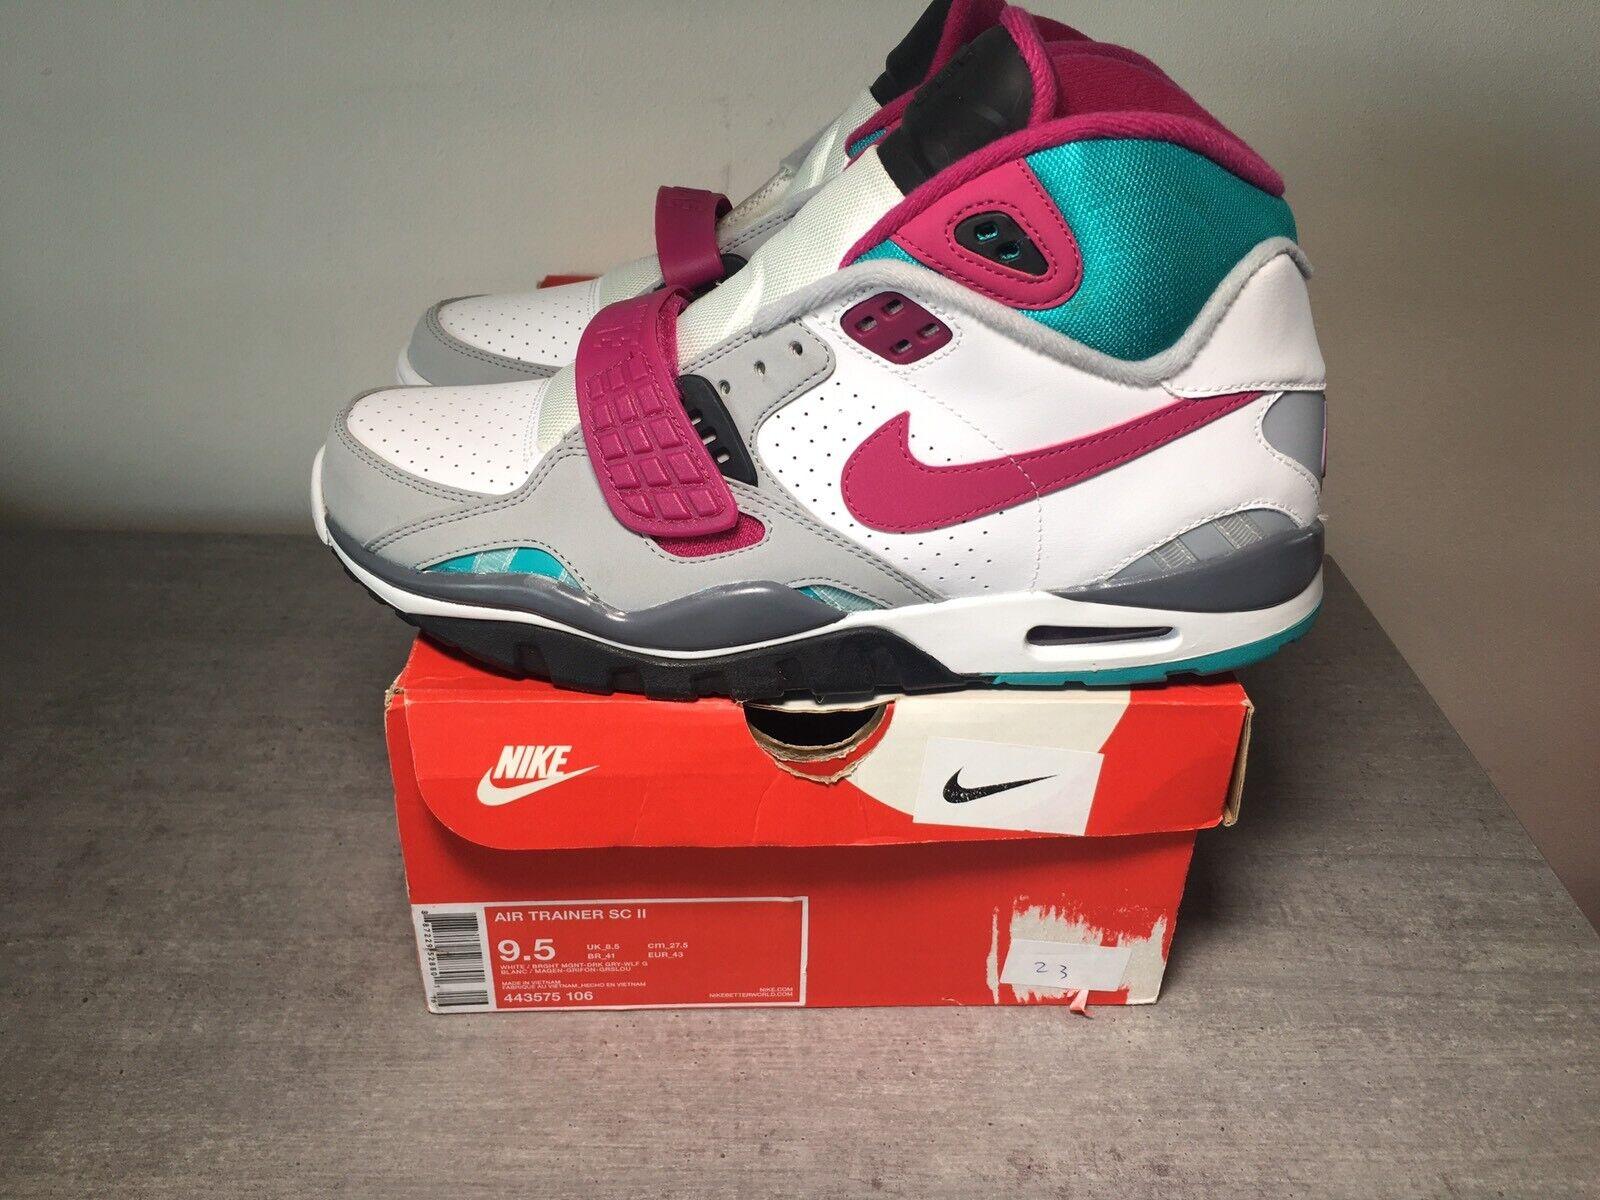 SC 2 II Trainer Air Nike c419bjilw21273 zapatos nuevos